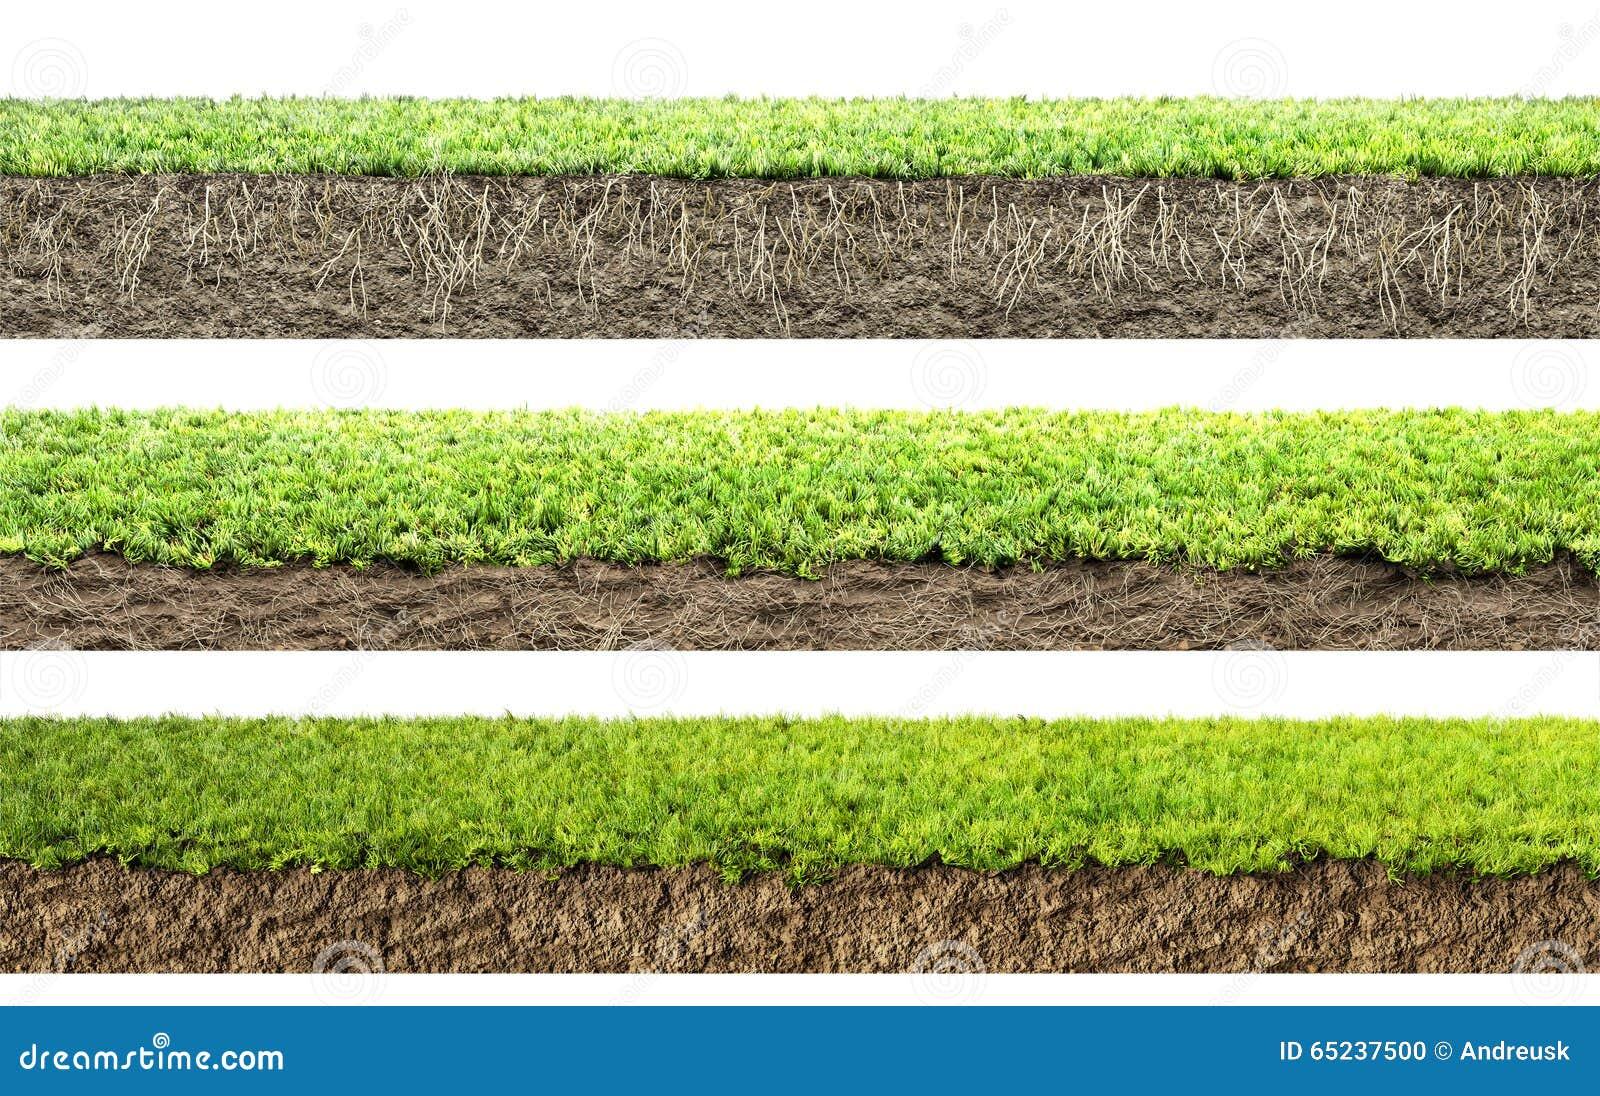 Χλόη με τις ρίζες και το χώμα